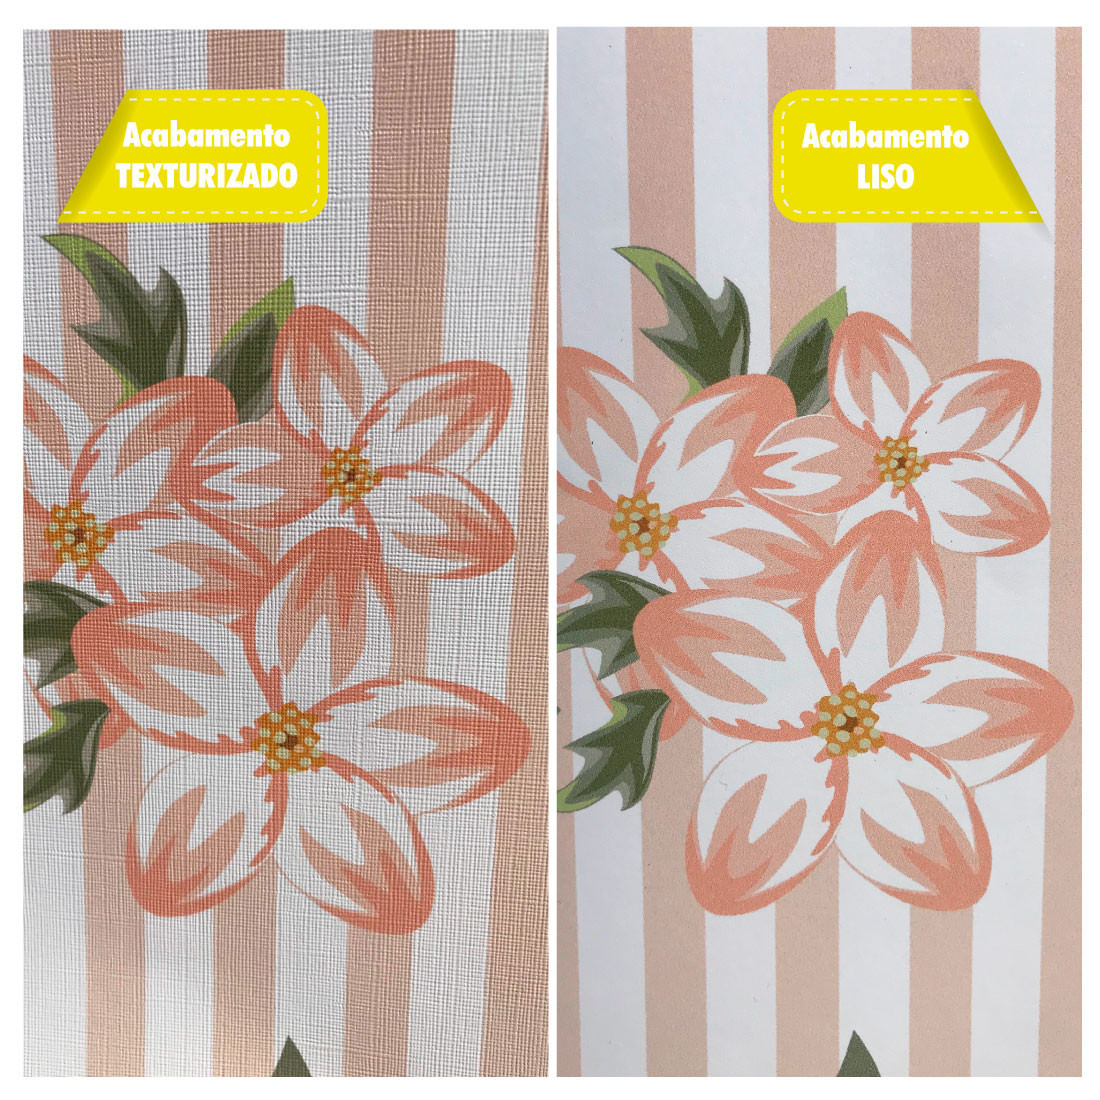 Foto Diferença Papel de Parede Texturizado e Papel de Parede Liso